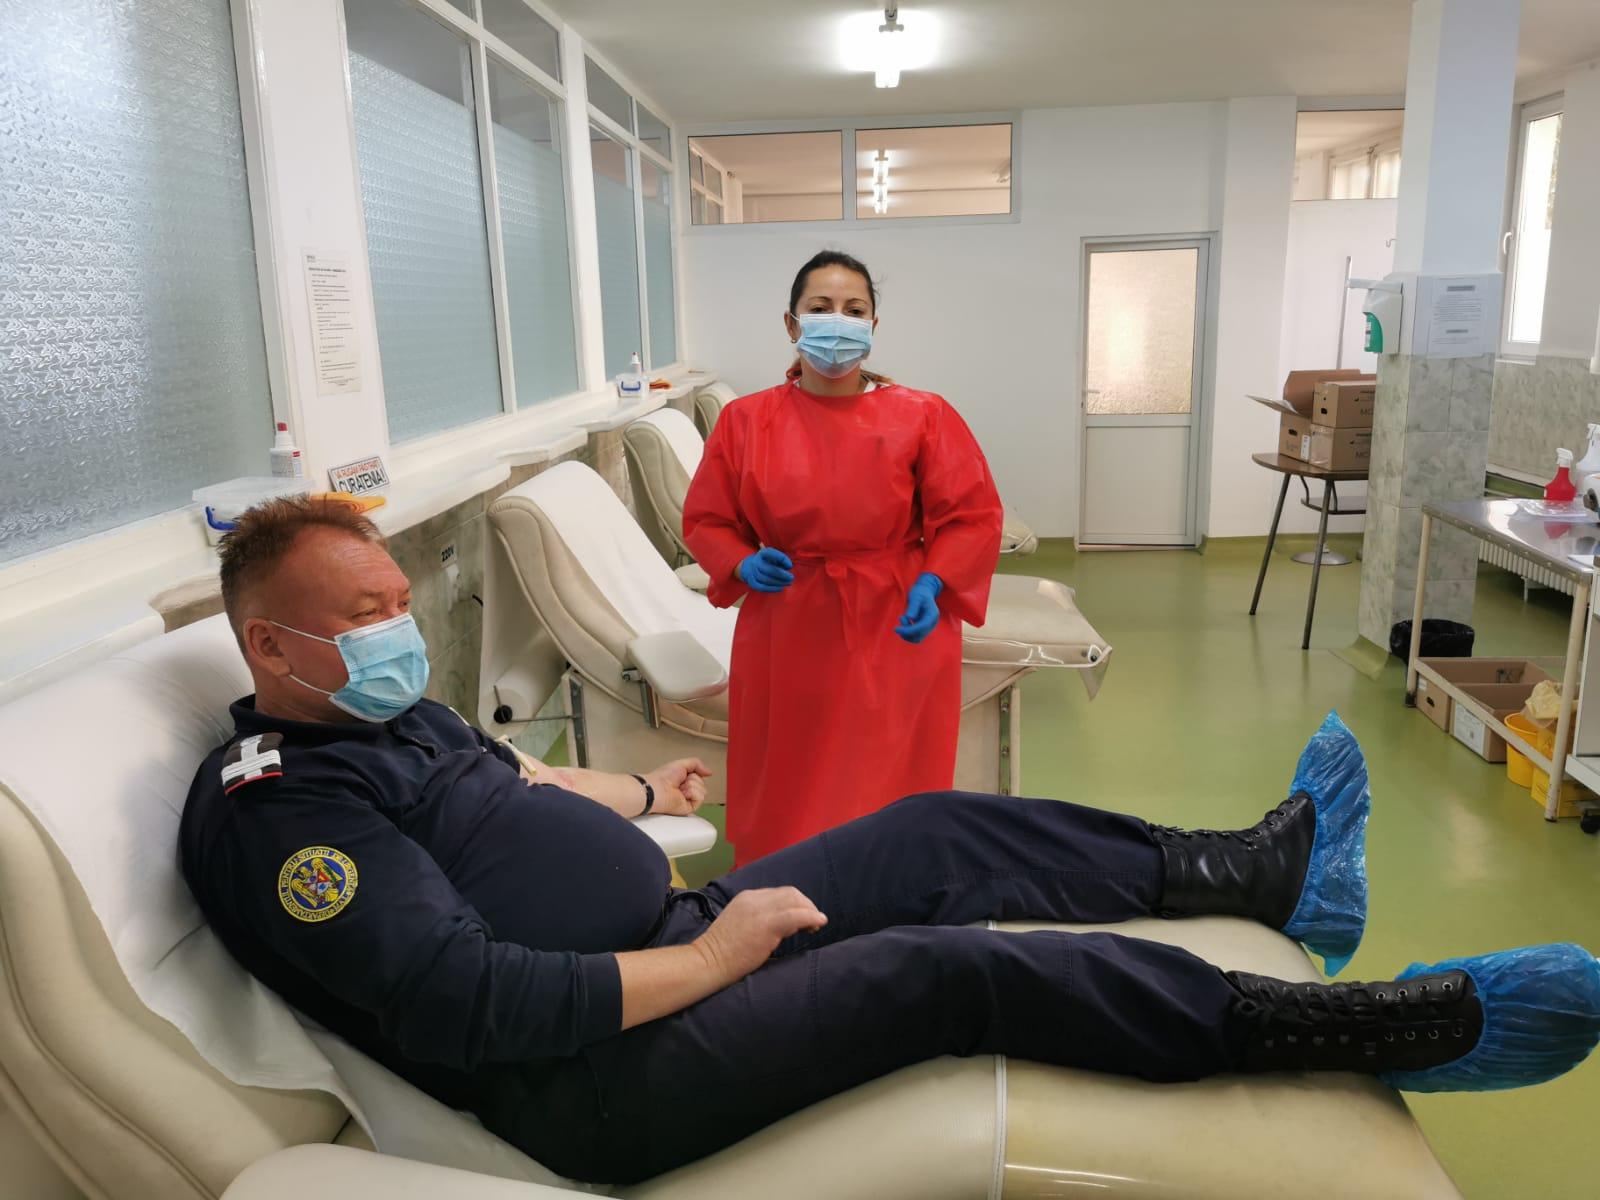 Pompierii botoșăneni continuă lupta cu COVID 19 și după vindecare